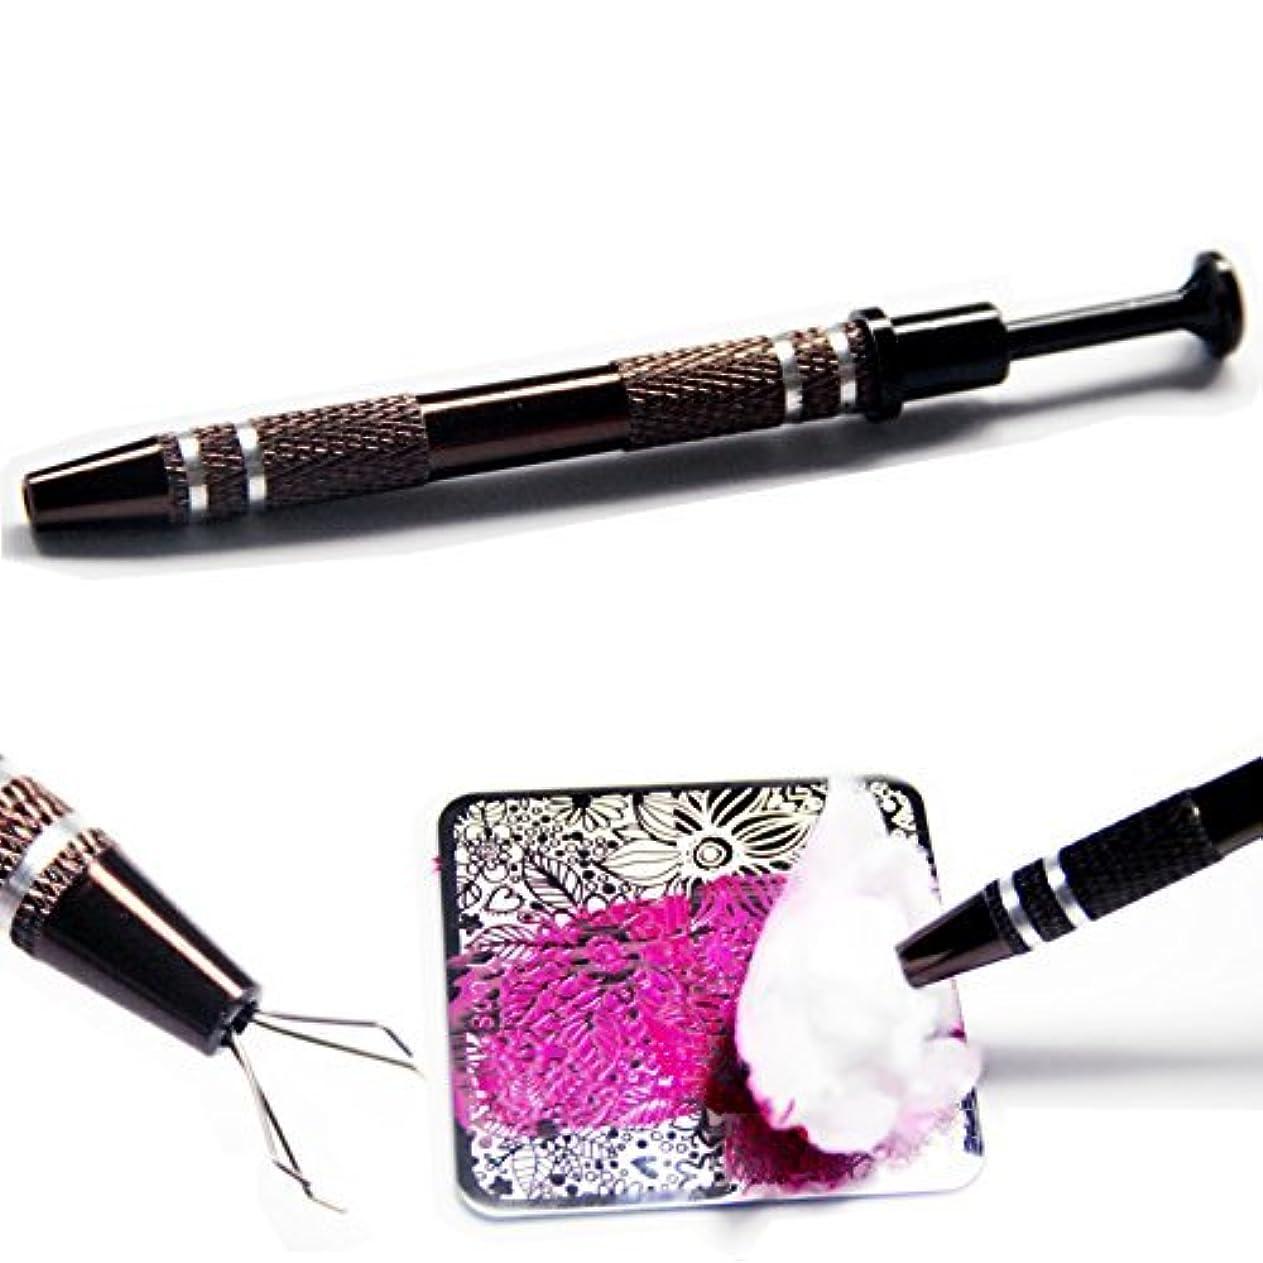 コショウクアッガ排除するイメージプレートクリーニングペン コットンキャッチペン スタンピングネイルツールネイルアートネイル用品